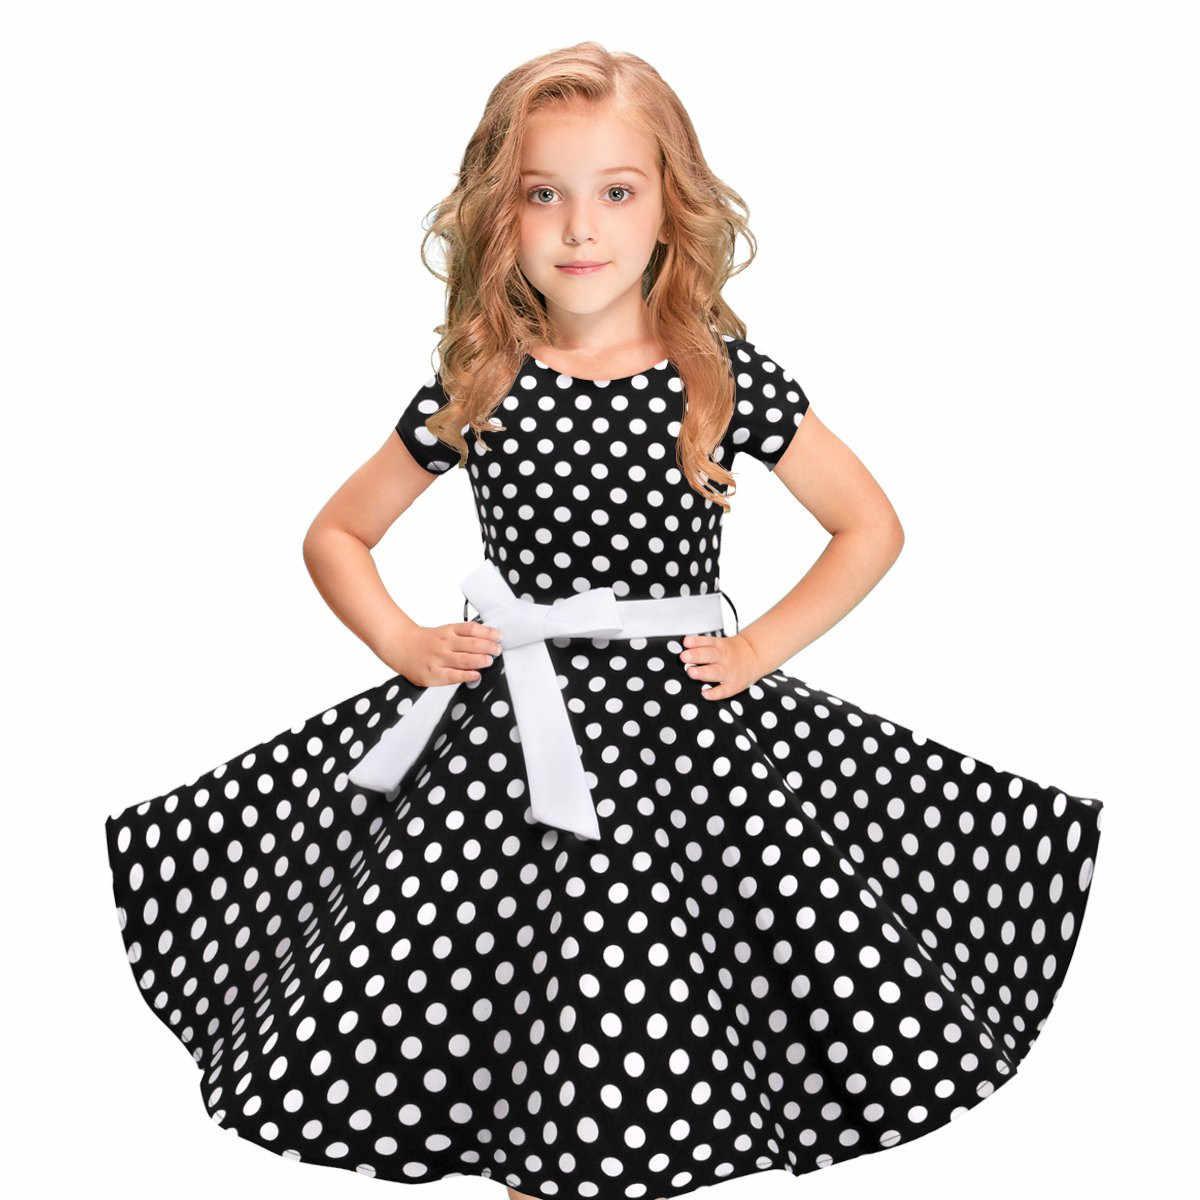 Chất Lượng Cao Trẻ Em Bé Gái Đầm Vintage Chấm Bi Công Chúa Đầm Rockabilly Đầm Dự Tiệc Mùa Hè Trẻ Em Đầm Dành Cho Bé Gái Mới